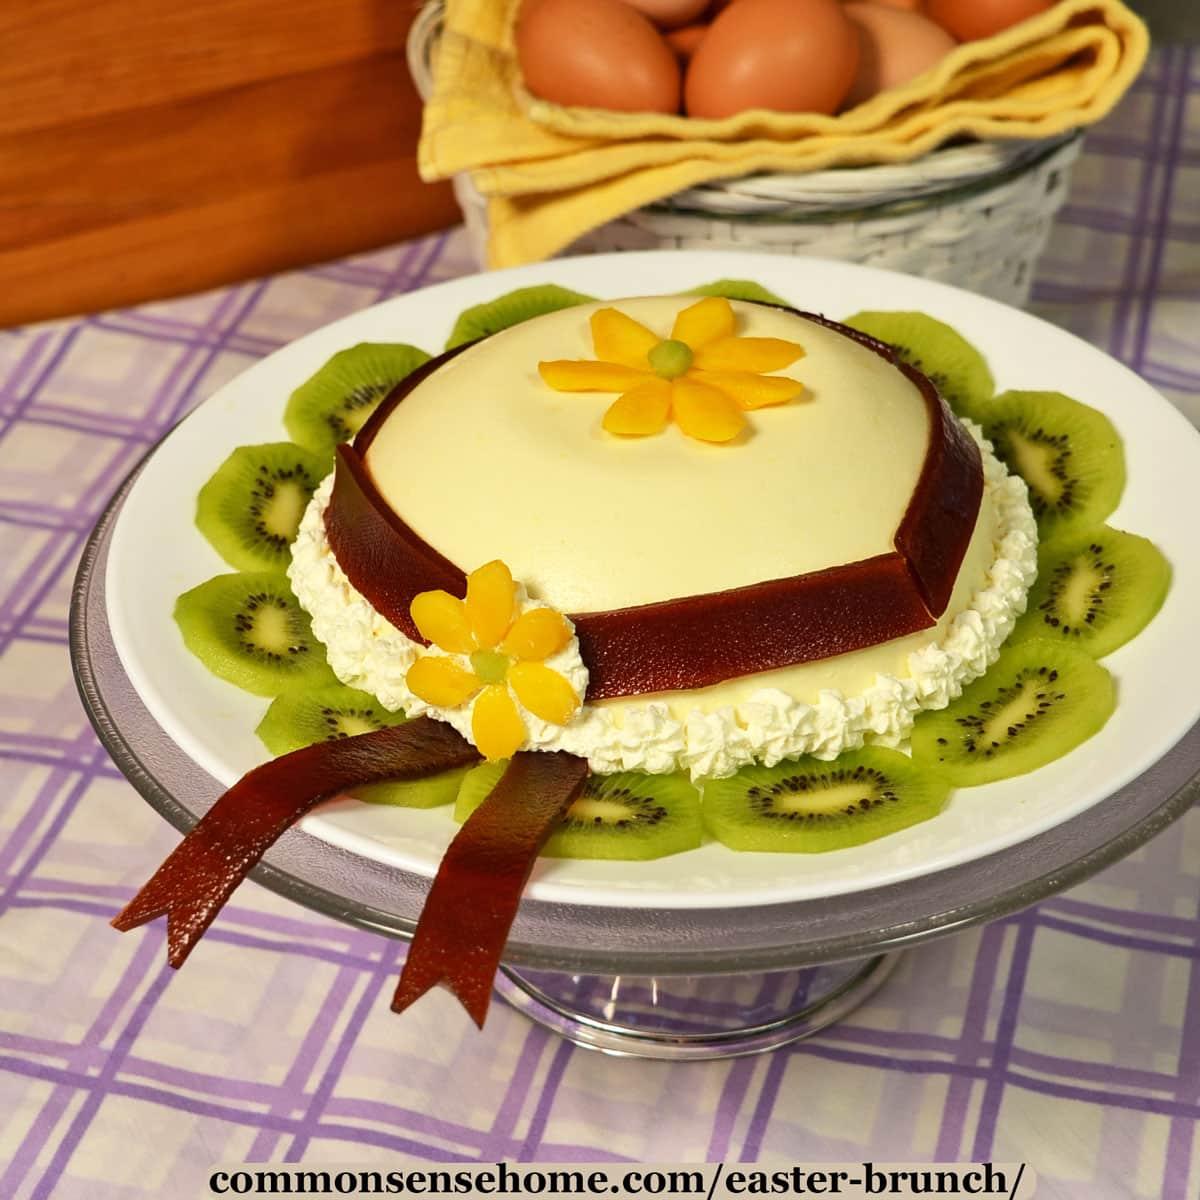 Easter bonnet dessert